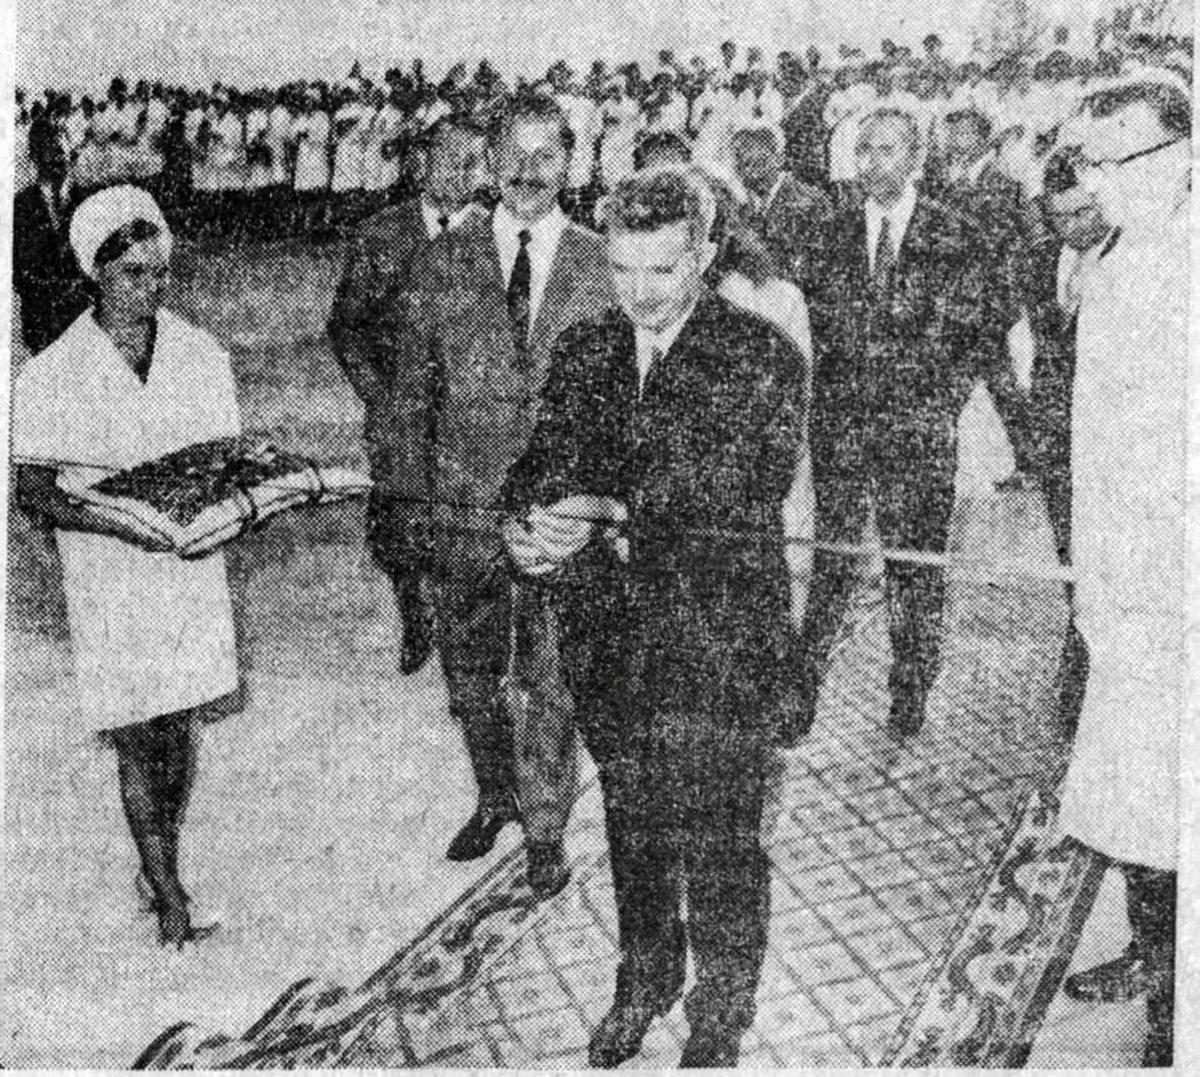 A szalagvágás pillanata. Hargita napilap, 1971. augusztus 16. •  Fotó: Forrás: a Csíkszeredai Megyei Sürgősségi Kórház gyűjtése